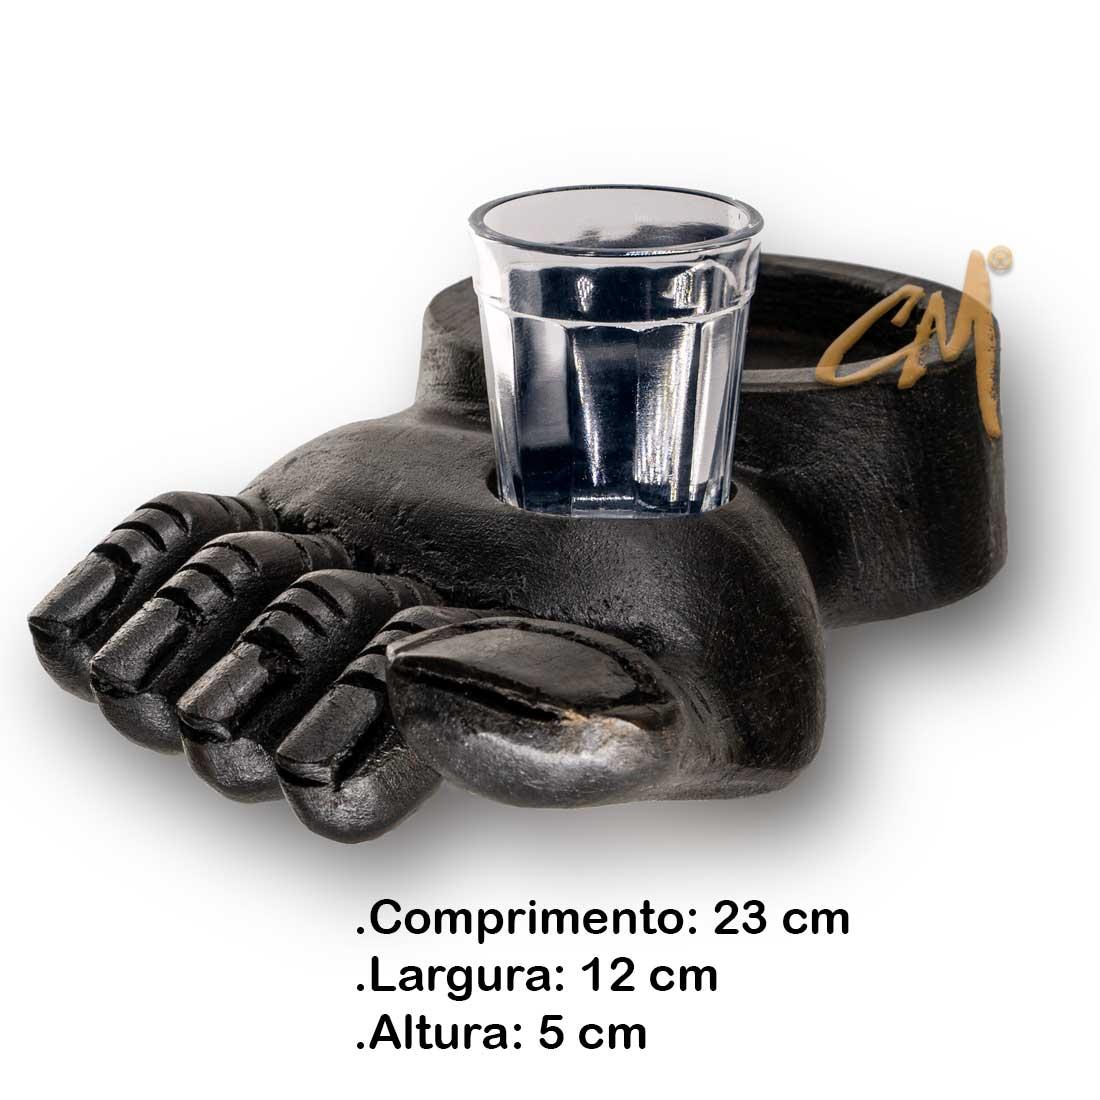 Pezão Médio Direito Confidências Mineiras (Tiradentes - MG)